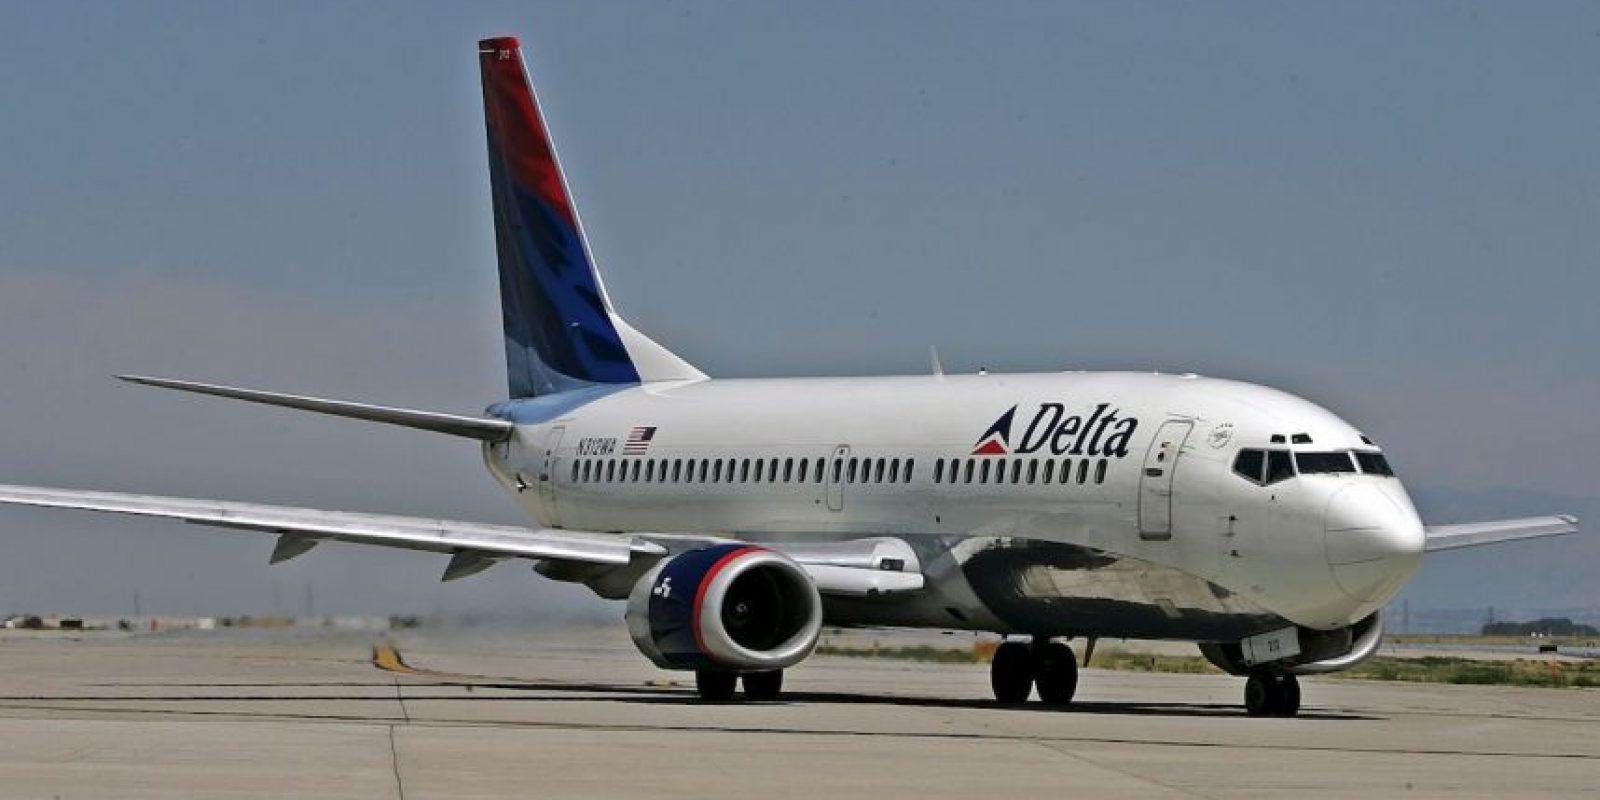 A pesar de la fuerza con la que el rayo impactó el avión, no se reportaron daños en la unidad ni personas heridas. Foto:Getty Images